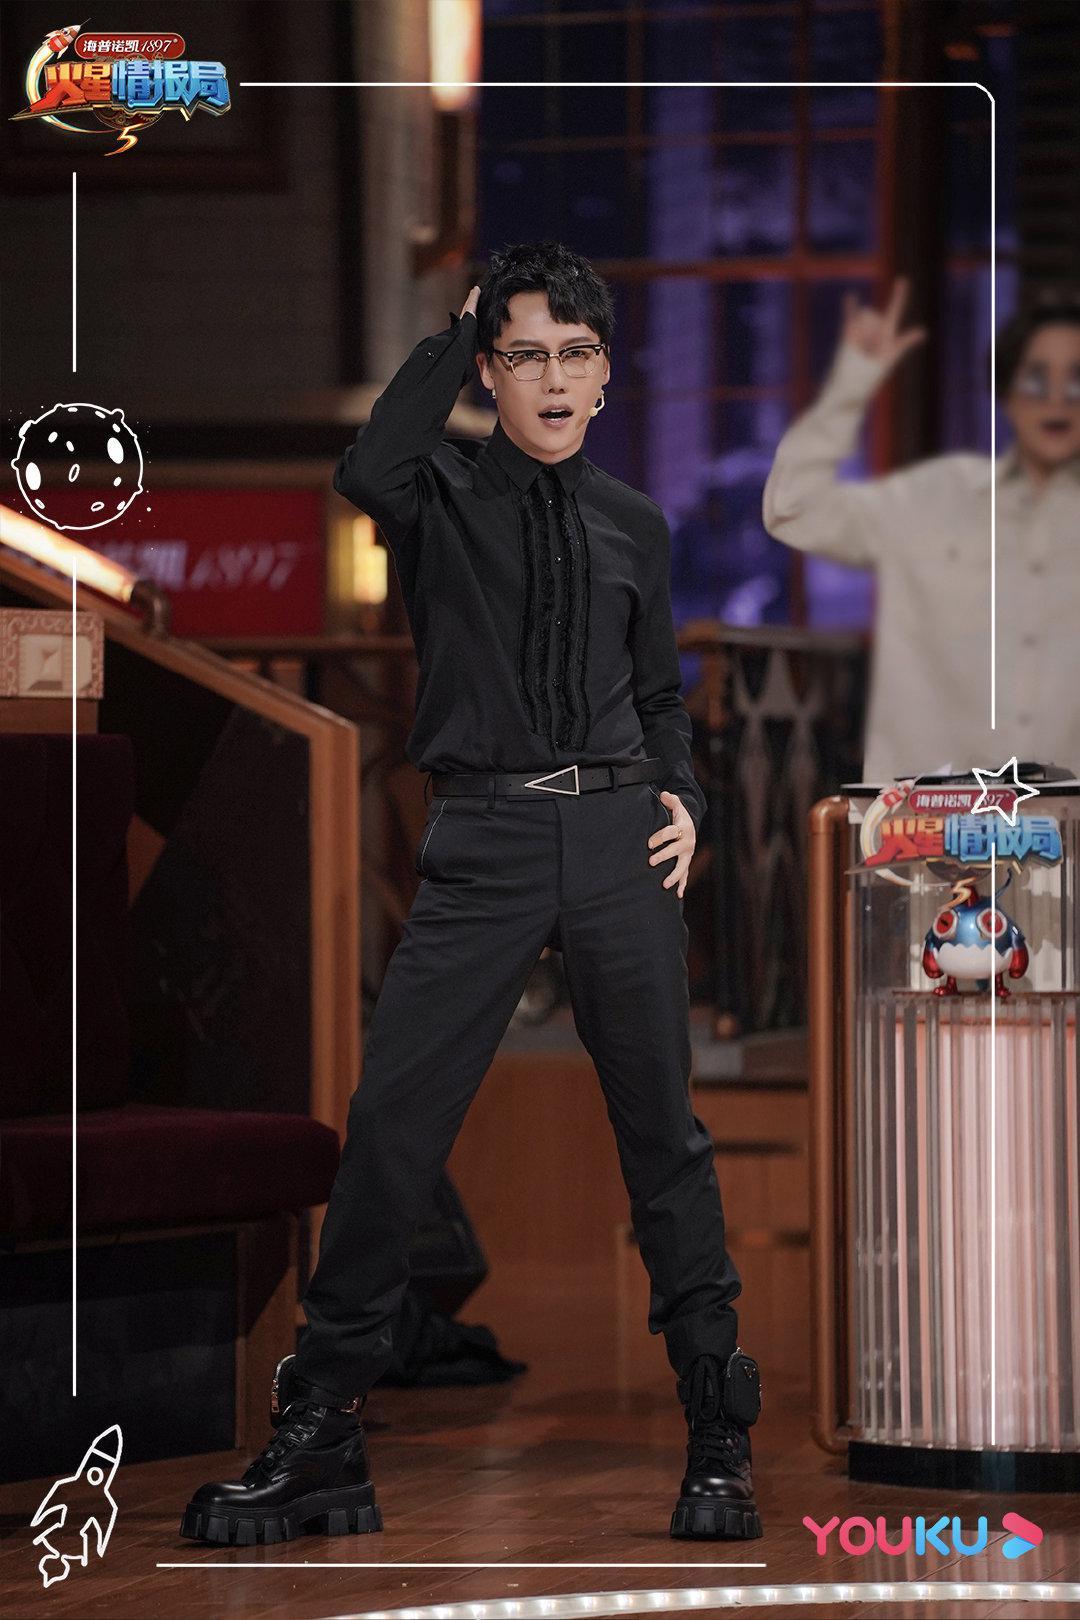 相信唱跳全能的@刘维-Julius 走到哪里都会发光发热…………